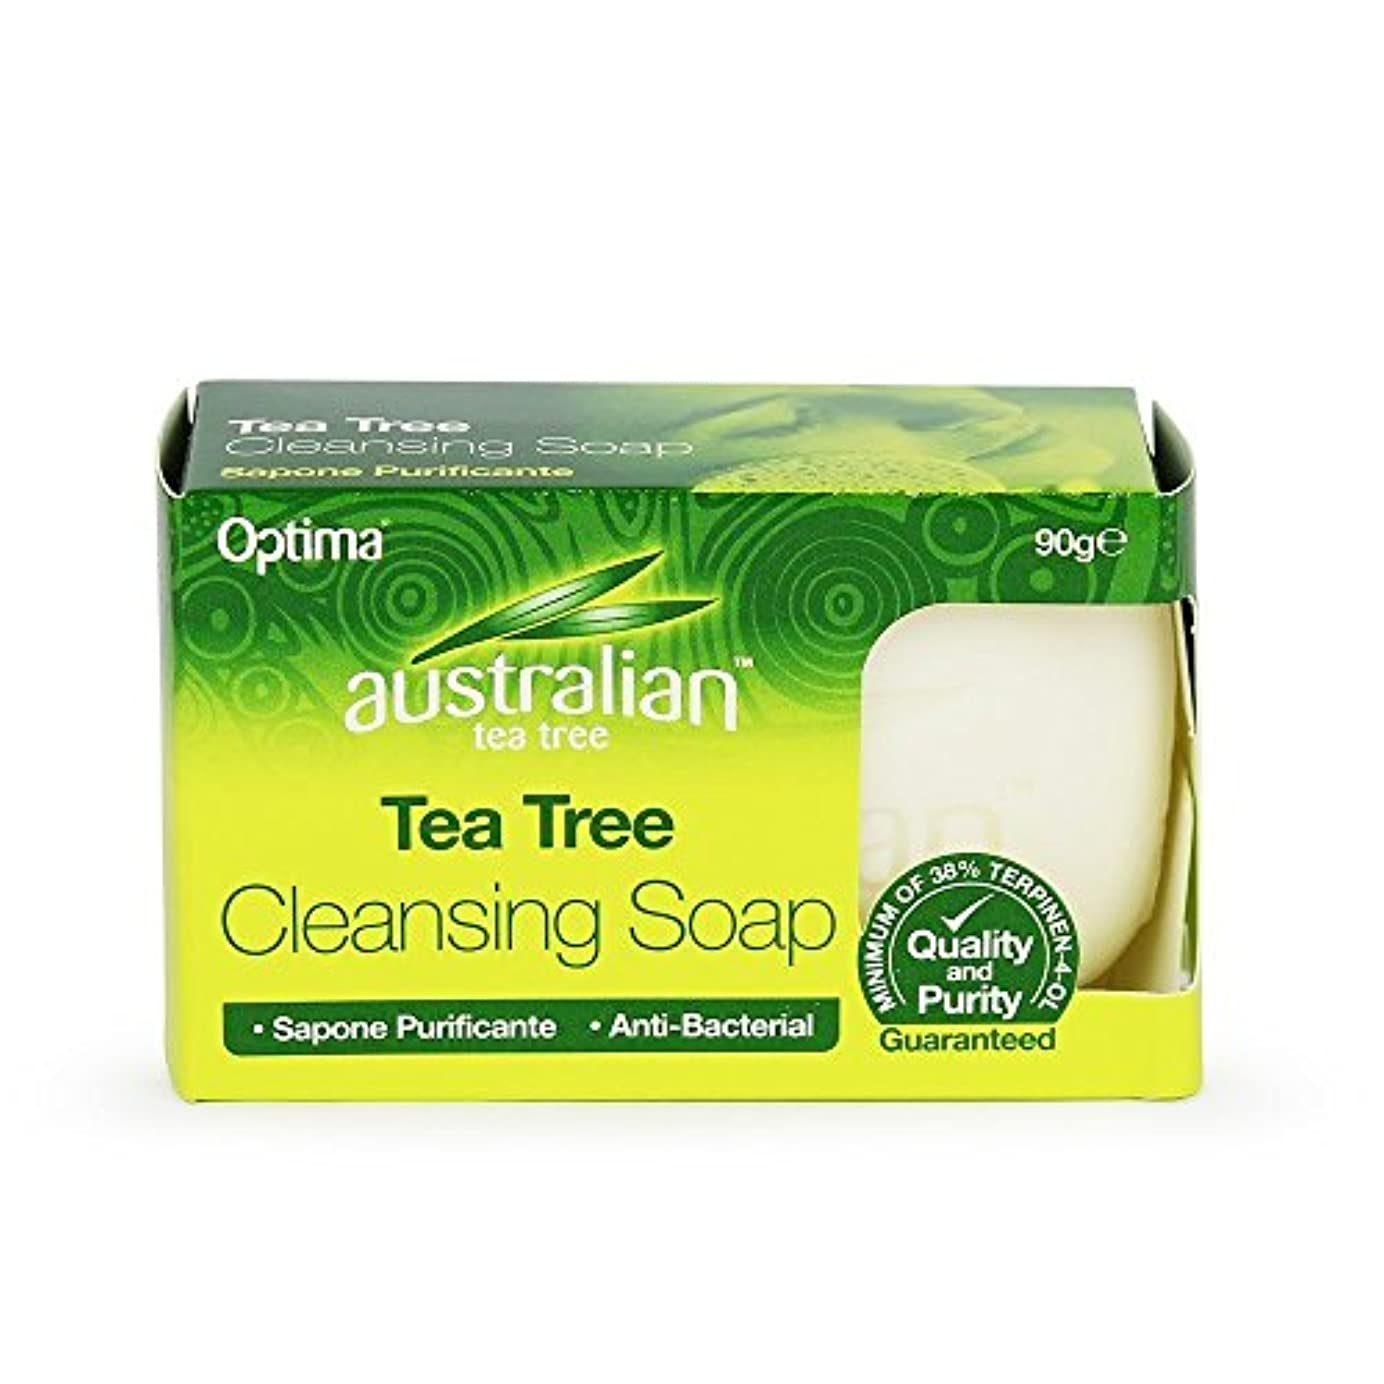 ローン役割ヘルパーCleansing Soap (90g) - x 3 Pack Savers Deal by Australian Tea Tree